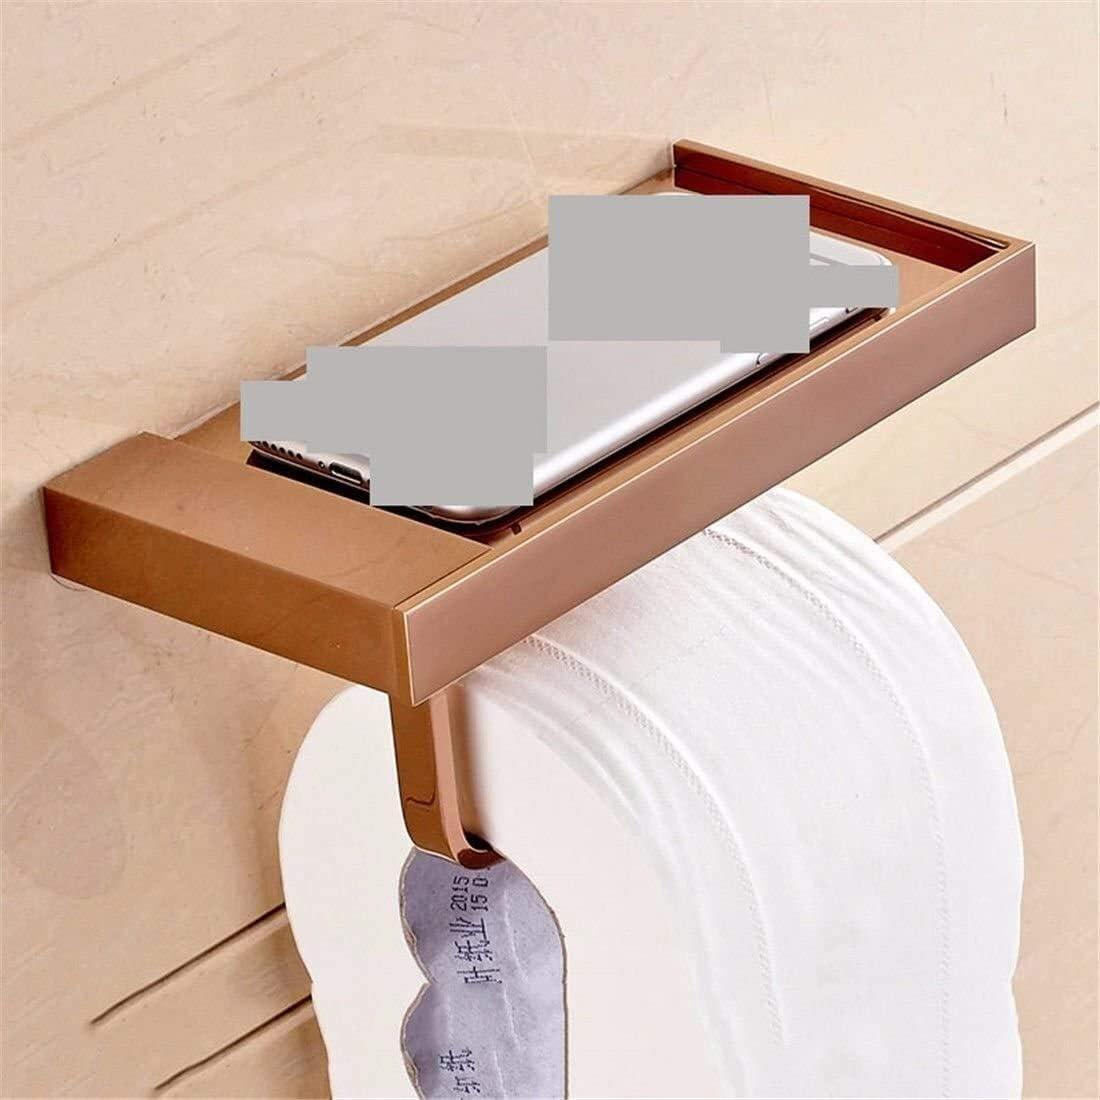 Anillo de toalla Papel higiénico del sostenedor del hogar del baño en bronce de accesorios Jade pared base montada papel higiénico Titular plataforma de baño individual Toallero